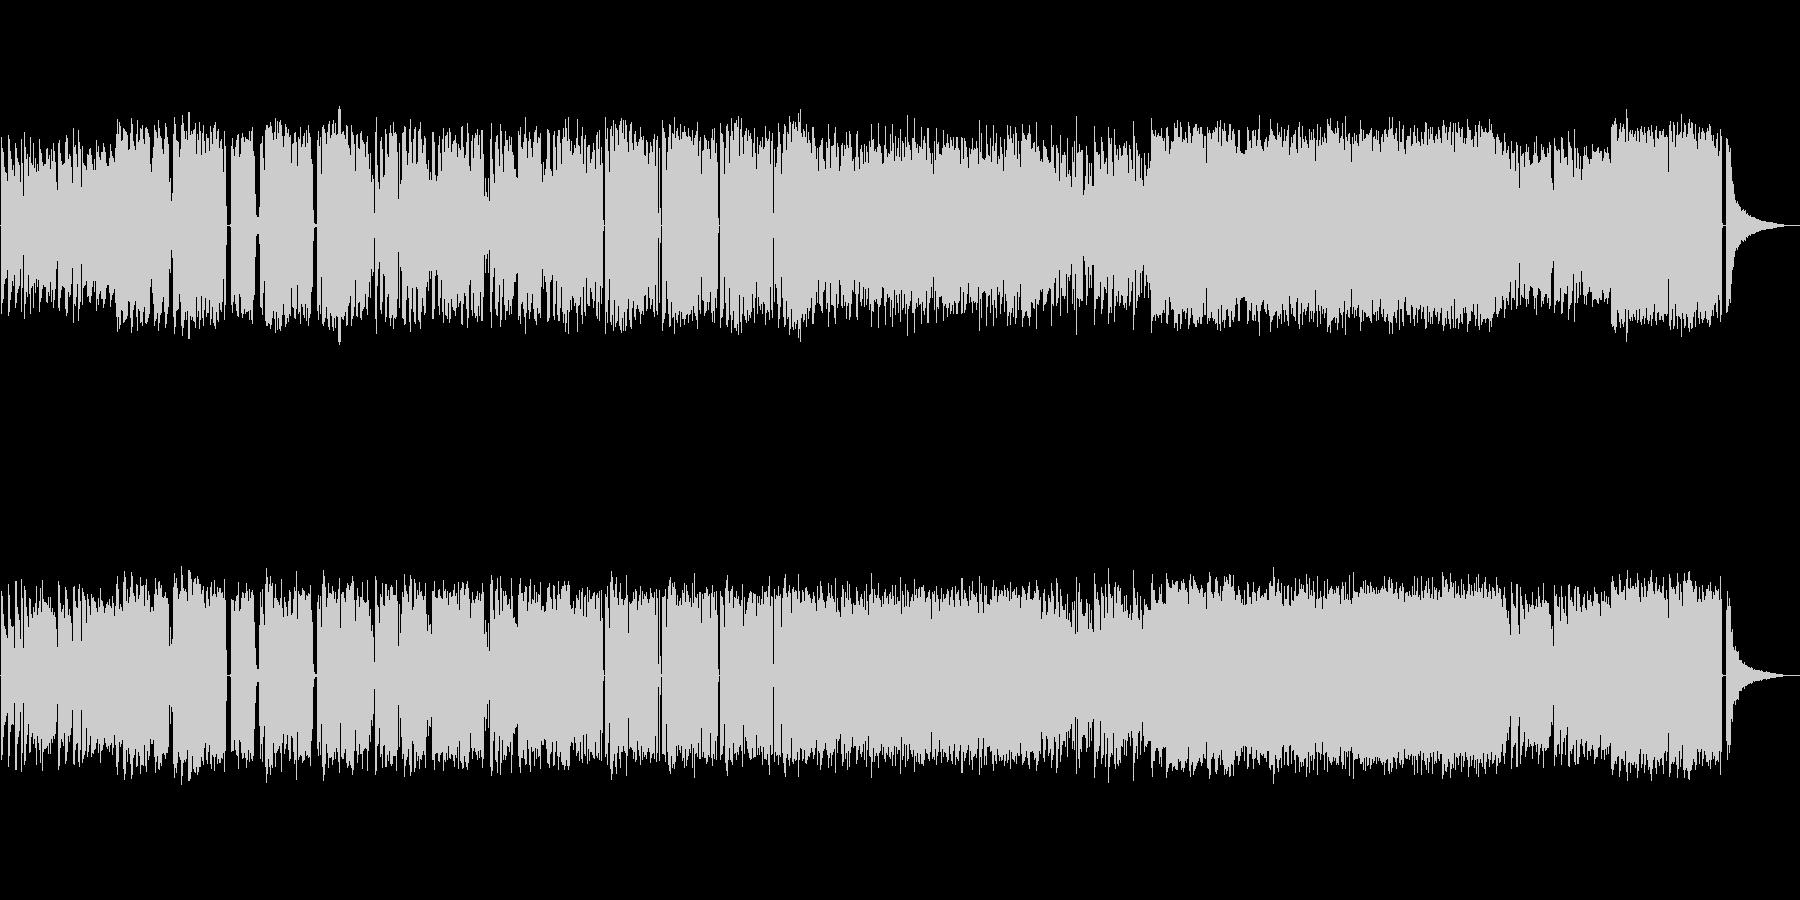 ジャズ寄りのエレクトロミュージックの未再生の波形